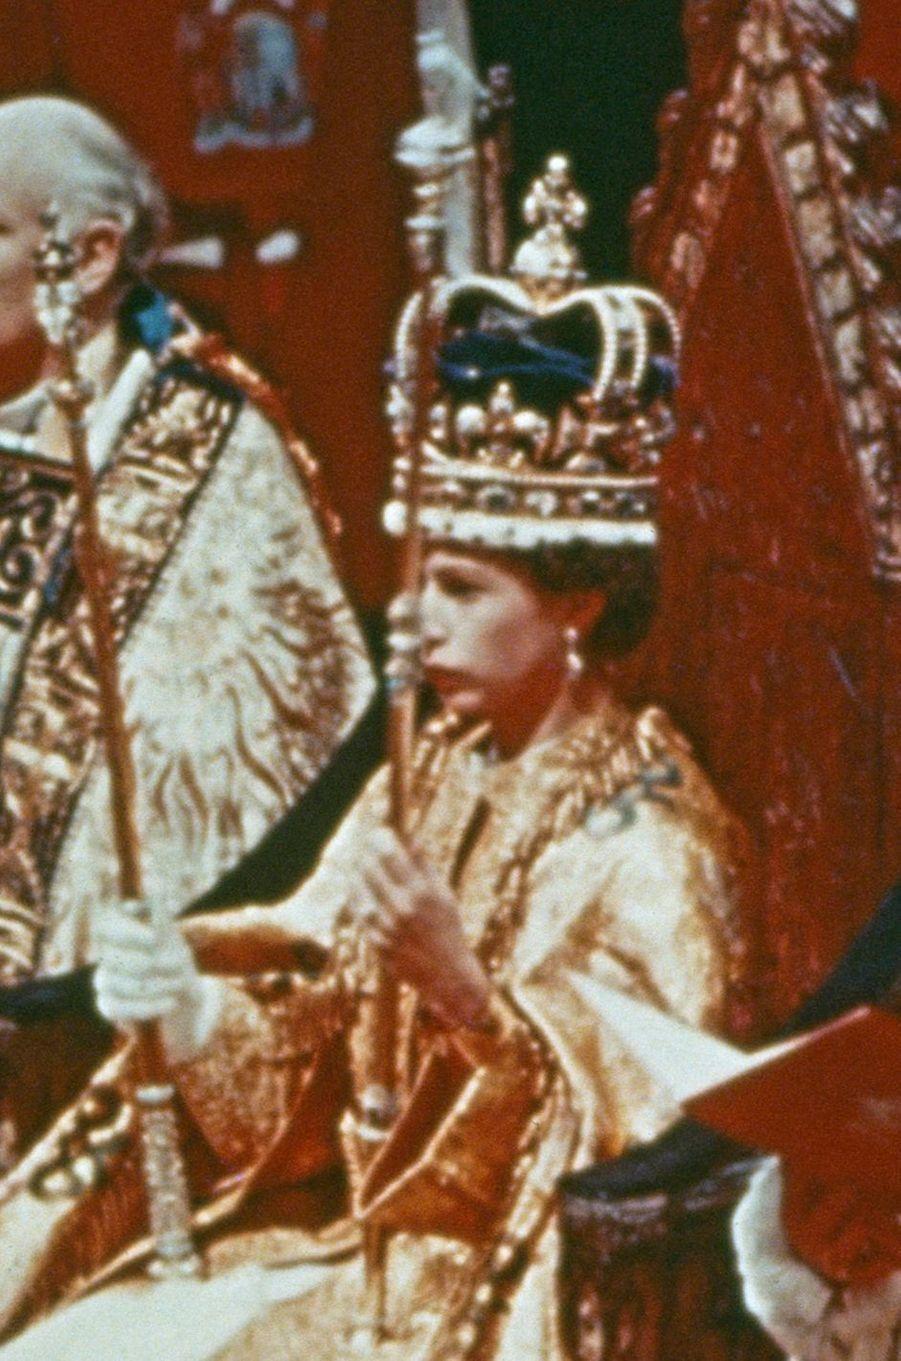 La reine Elizabeth II coiffée de la couronne de St. Edward, le jour de son couronnement, 2 juin 1953